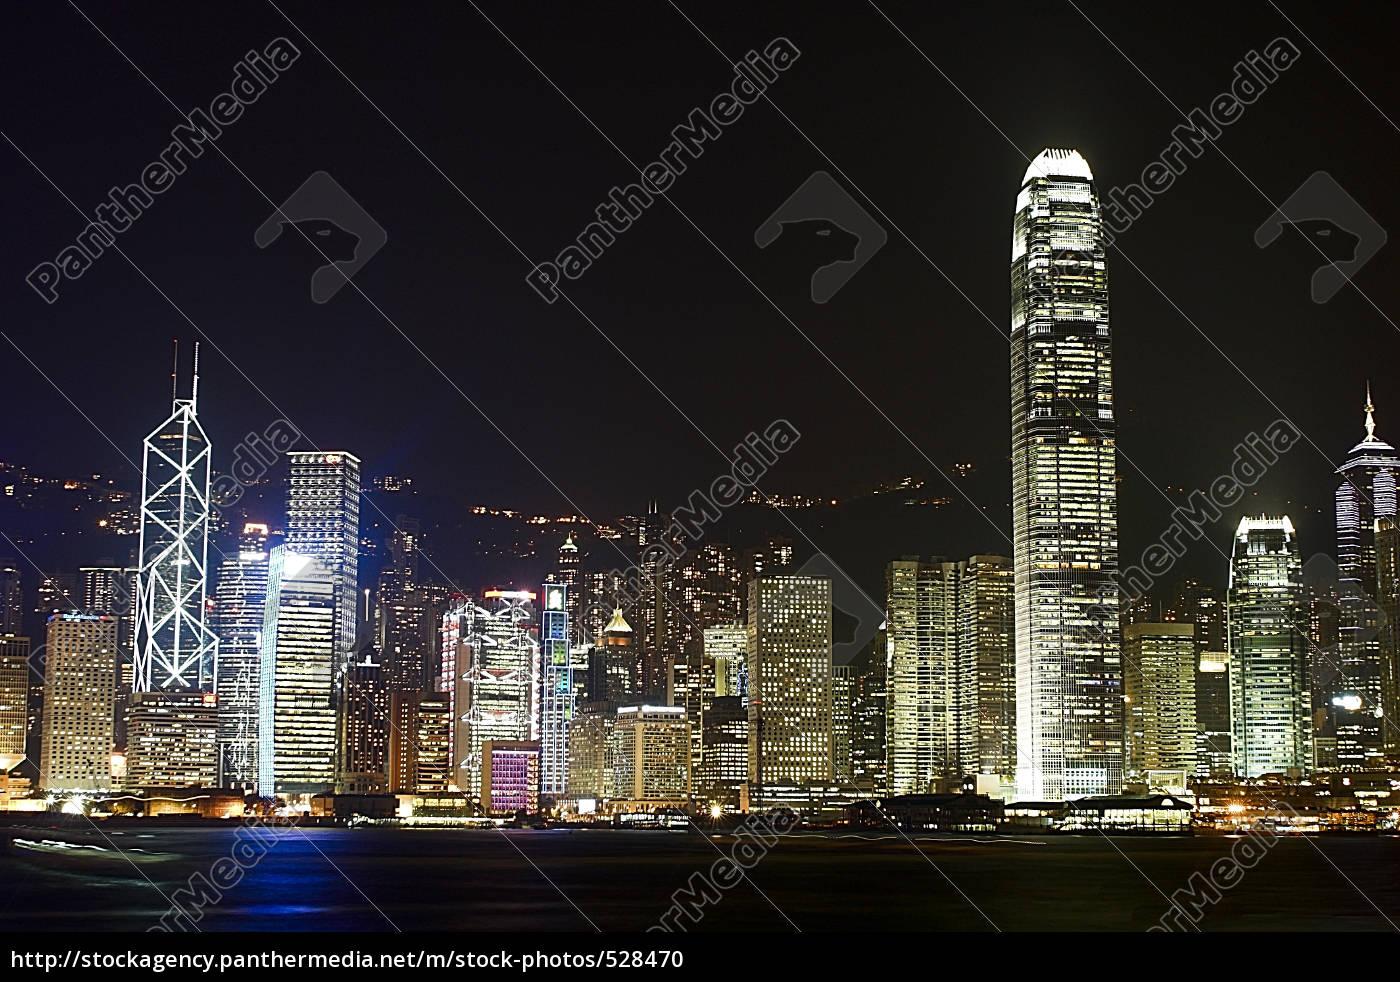 hong, kong, at, night - 528470